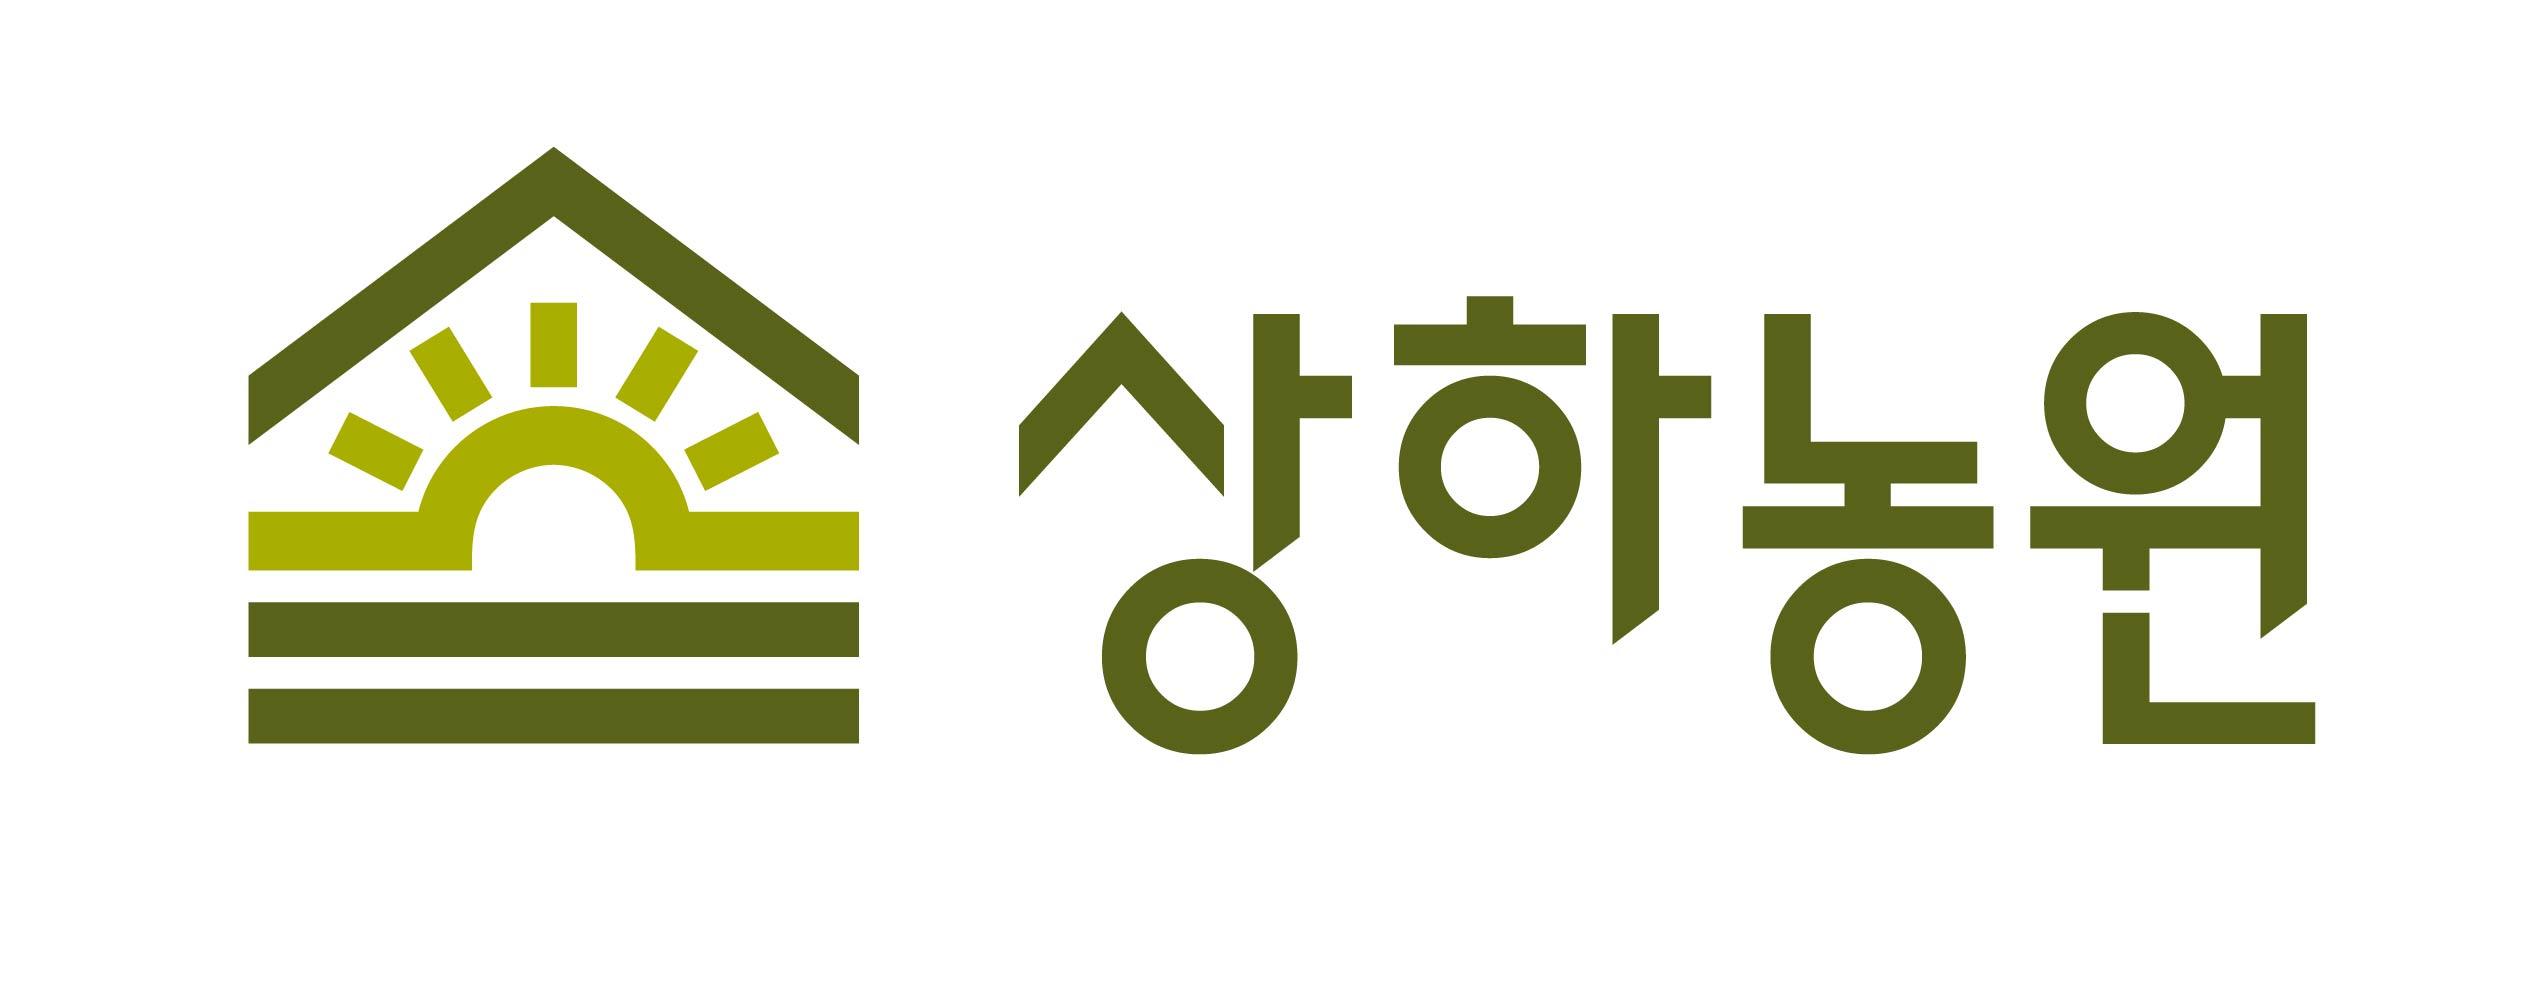 상하농원(유)의 기업로고